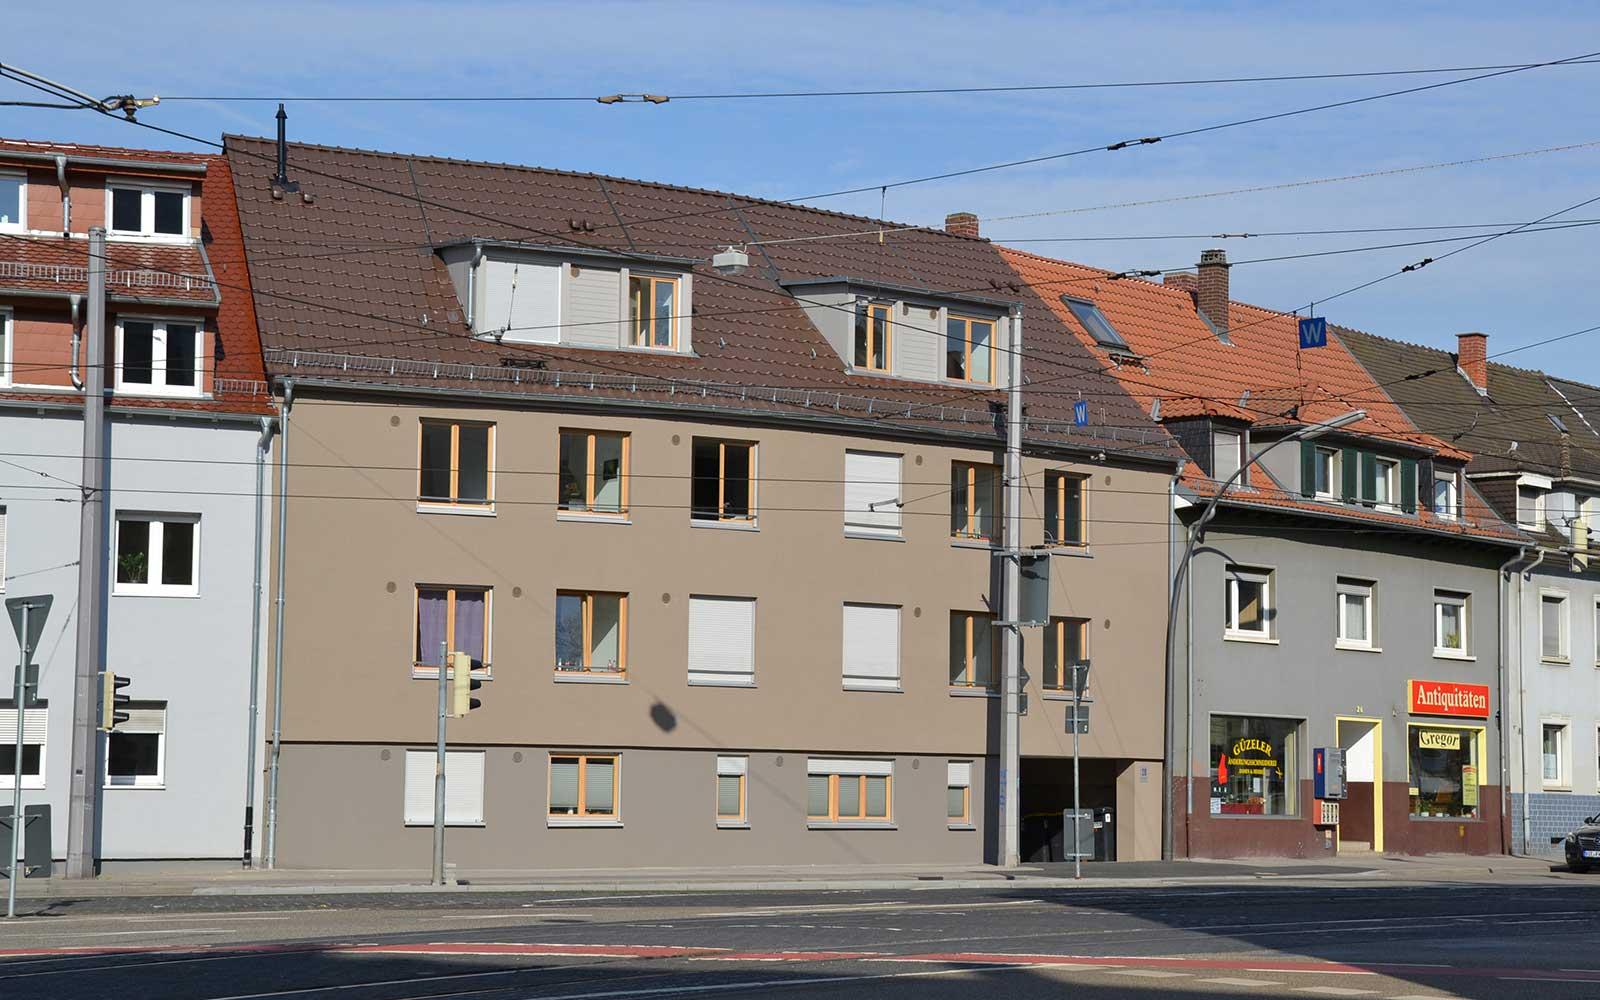 Hans Thoma Wohnheim in Handschuhsheim, Kochhan und Weckbach Architekturbüro Heidelberg